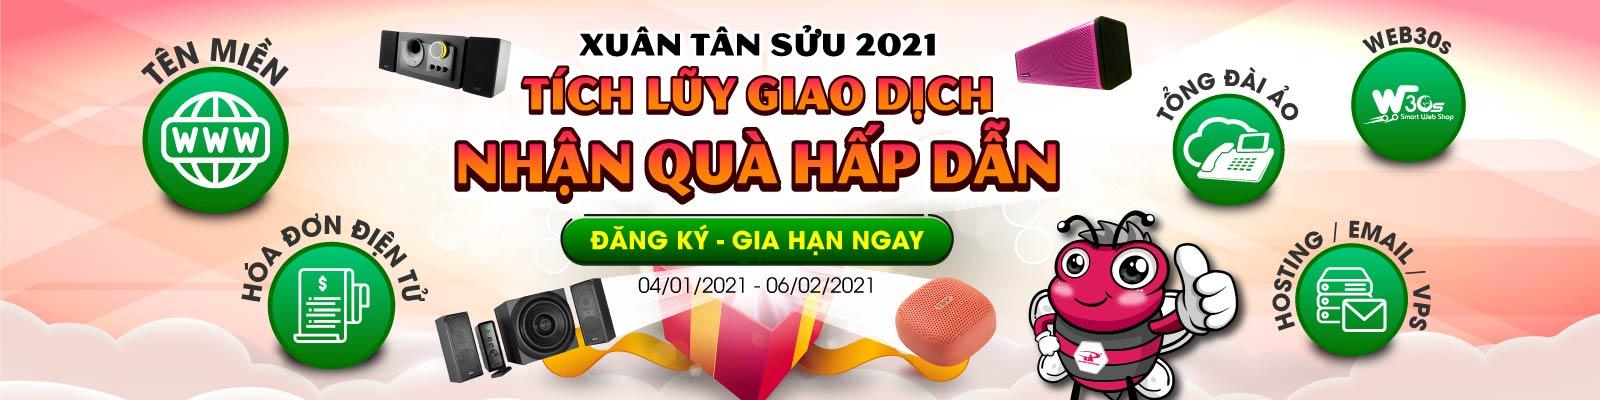 Xuân Tân Sửu 2021 - Tích lũy giao dịch, Nhận quà hấp dẫn tại P.A Việt Nam